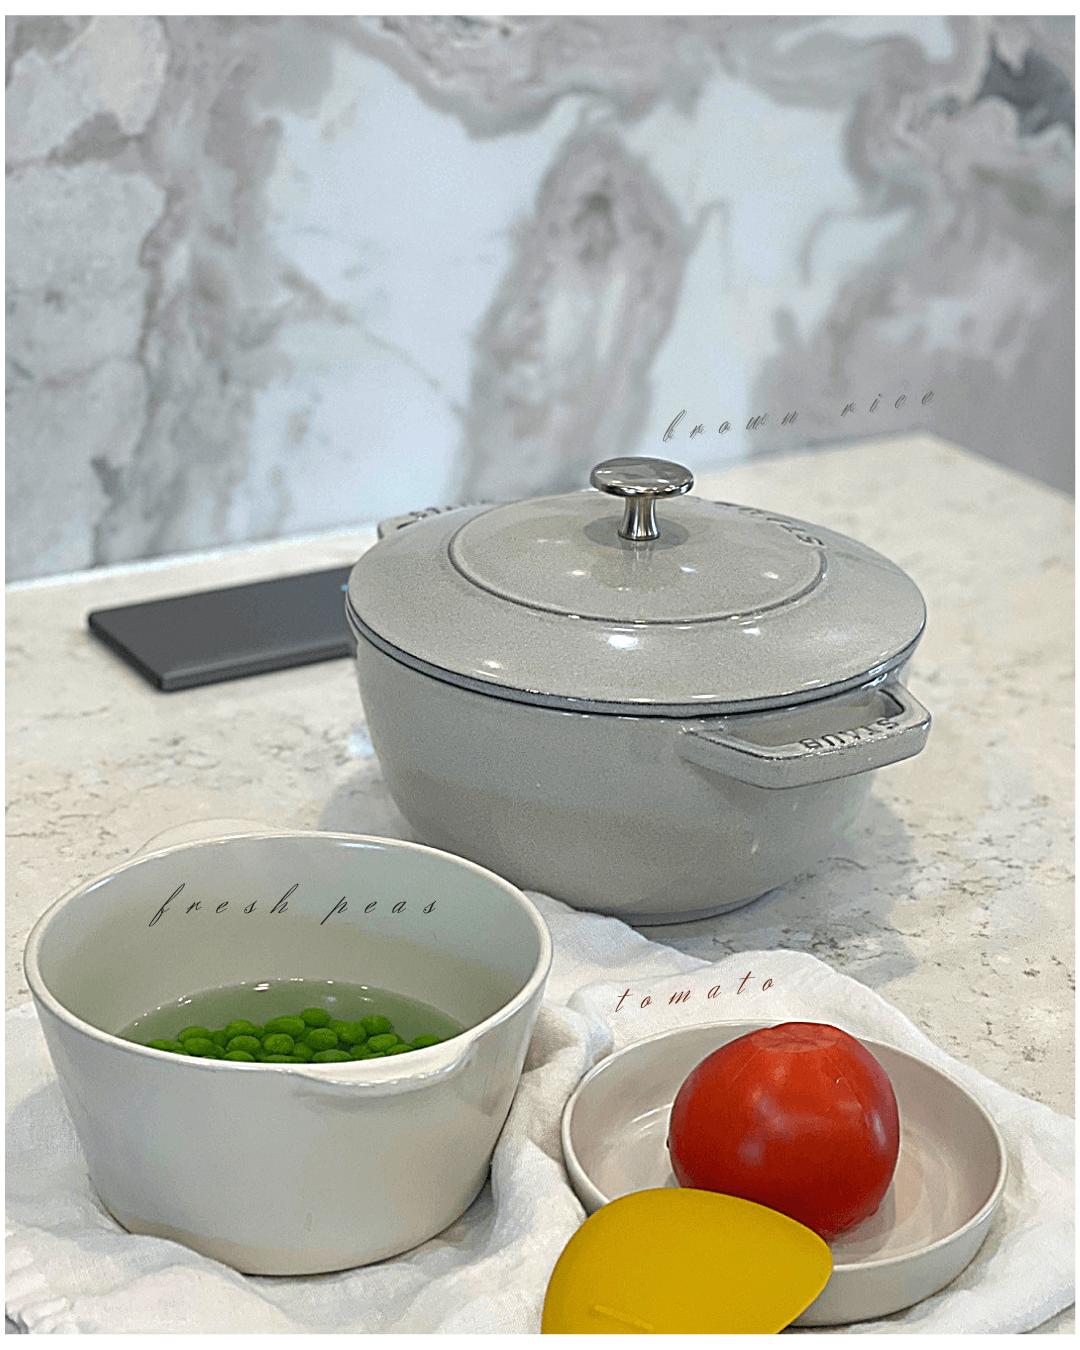 스타우브화이트트러플-스타우브솥밥-냄비밥하는법-토마토요리-냄비밥-레시피